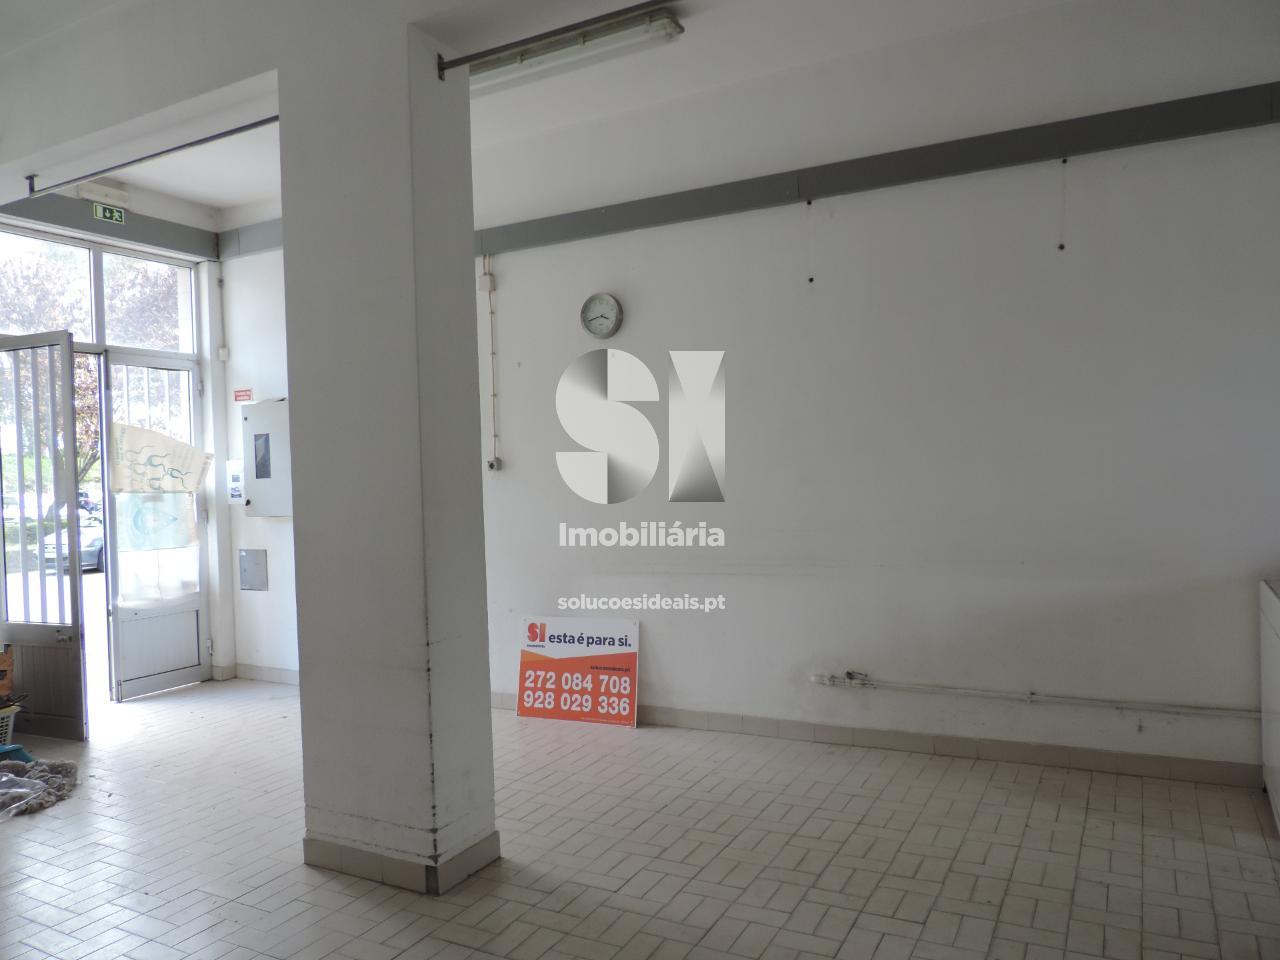 loja para compra em castelo branco castelo branco castelo branco CBZMJ112